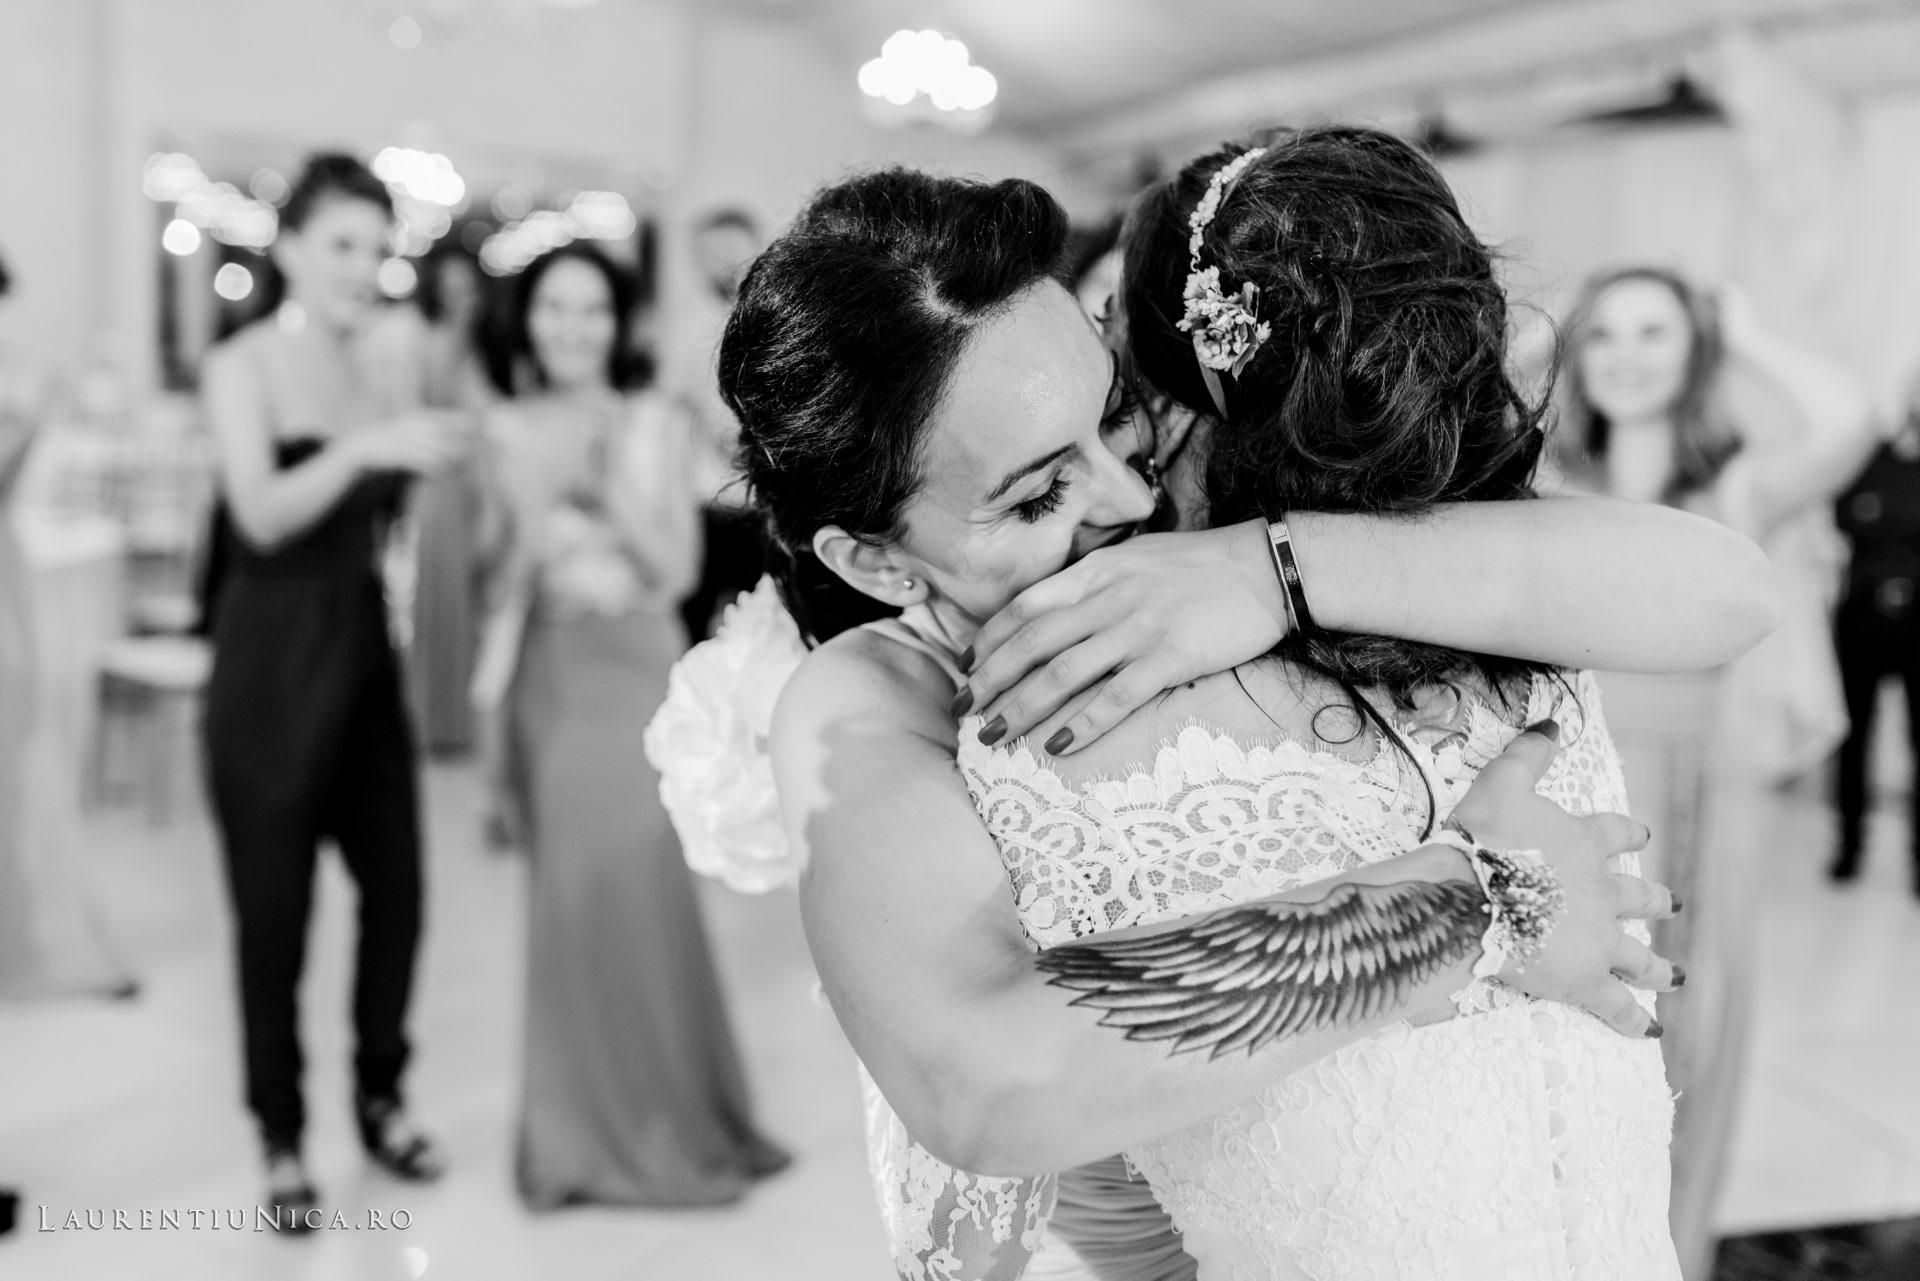 Cristina si Ovidiu nunta Craiova fotograf laurentiu nica 150 - Cristina & Ovidiu | Fotografii nunta | Craiova